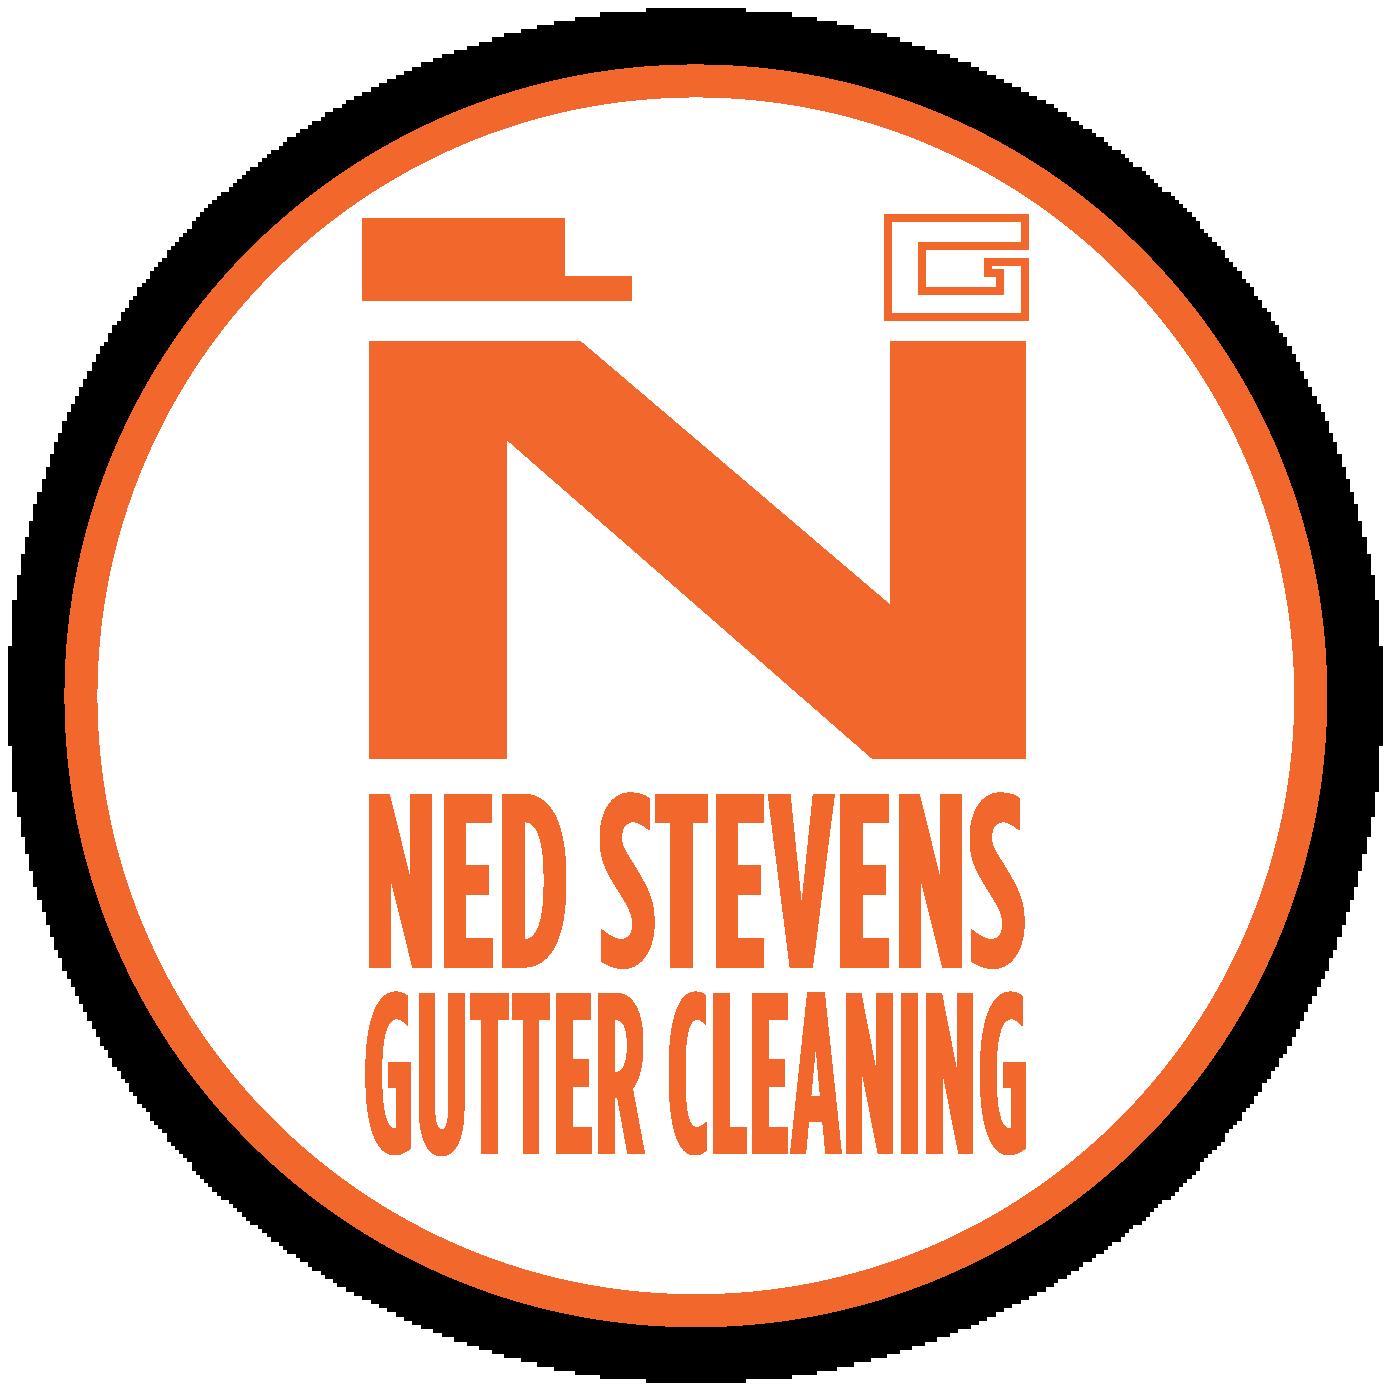 Ned Stevens Gutter Cleaning - Massachusetts